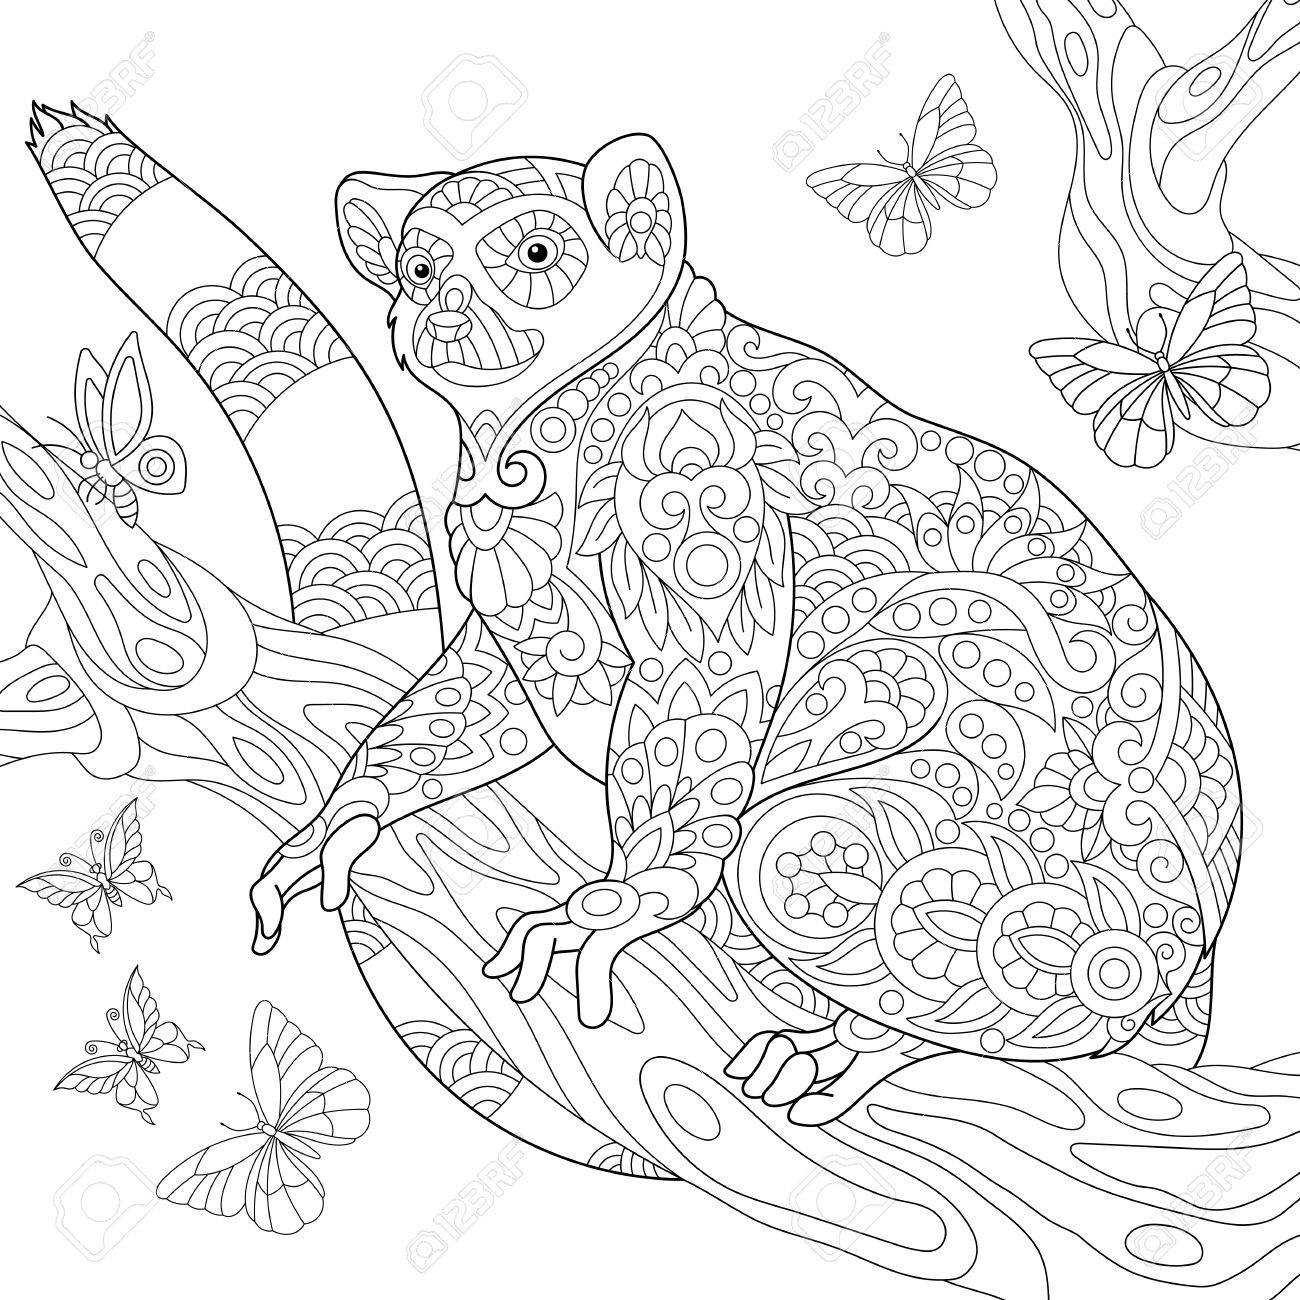 Malvorlage Von Madagaskar Lemur Von Schmetterlingen Umgeben ...